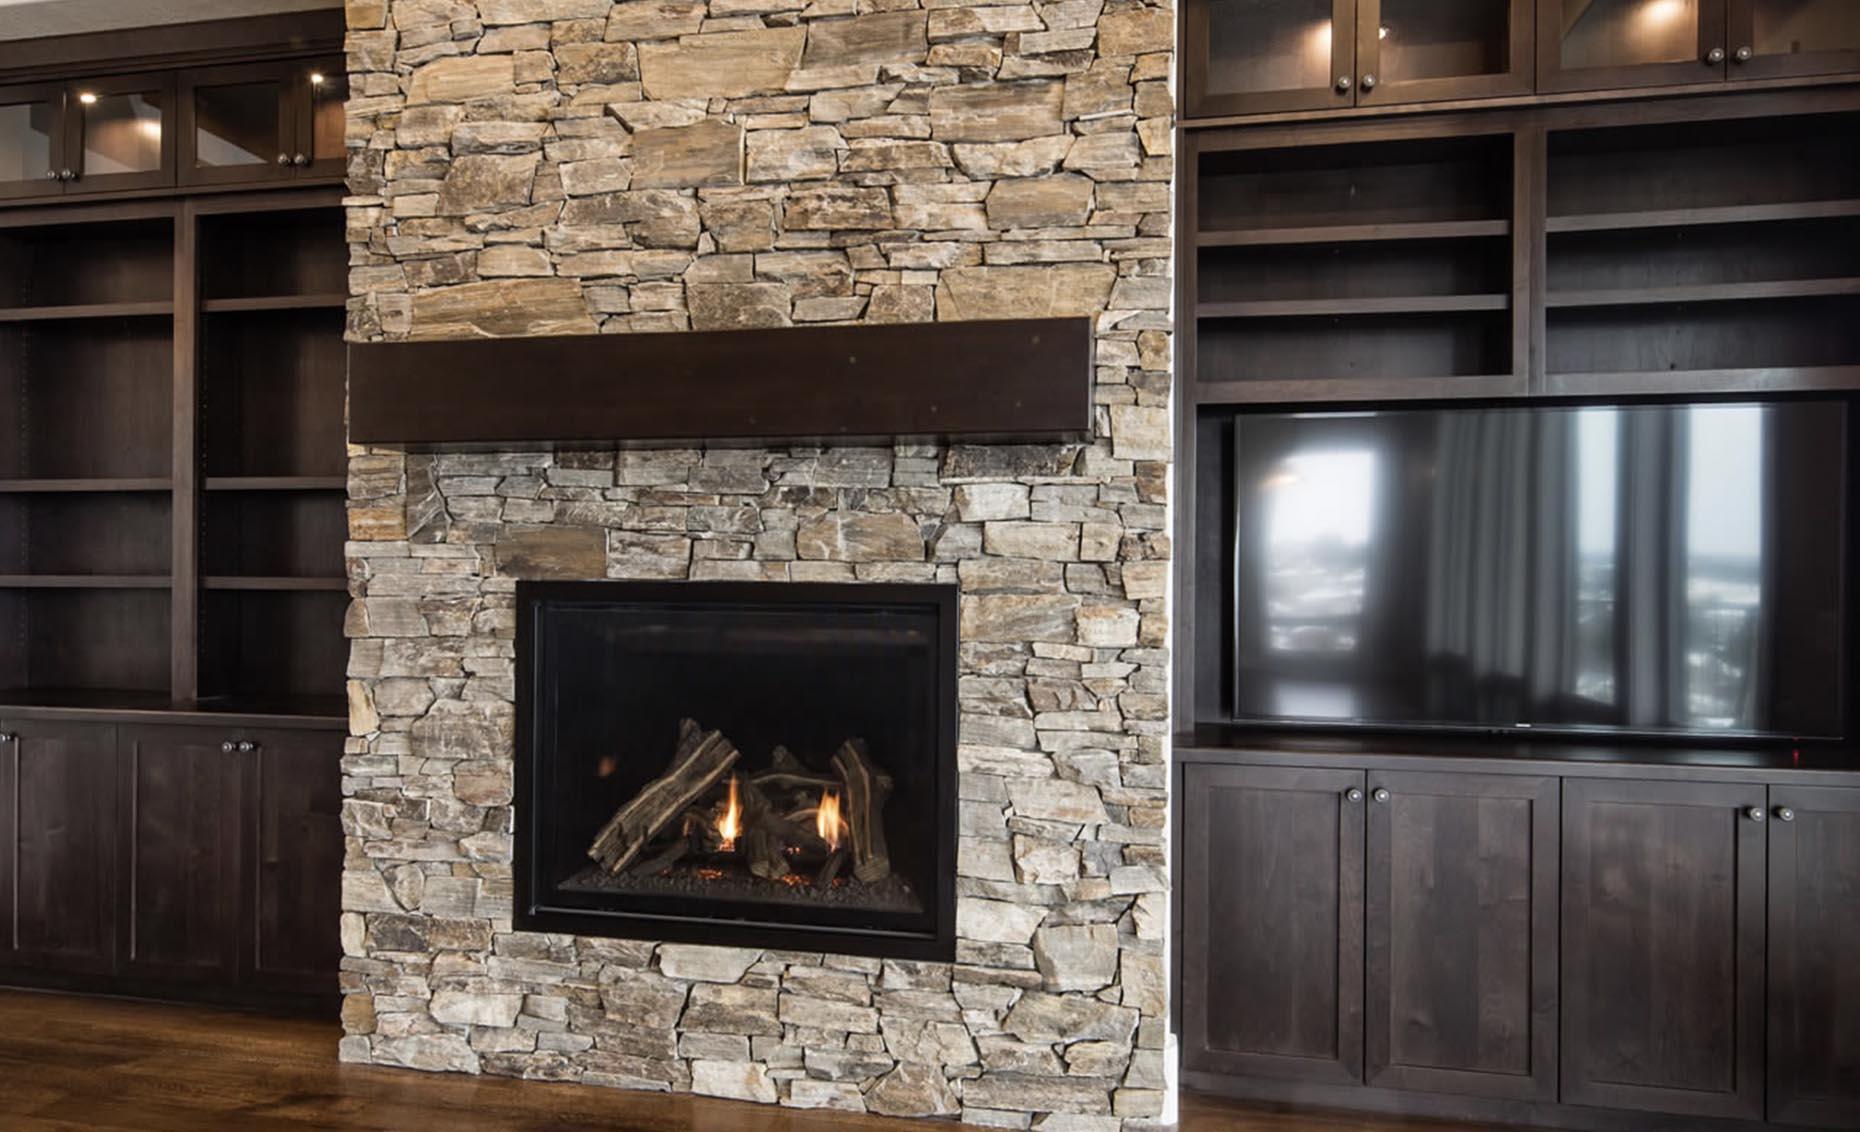 The Strata Via House Fireplace